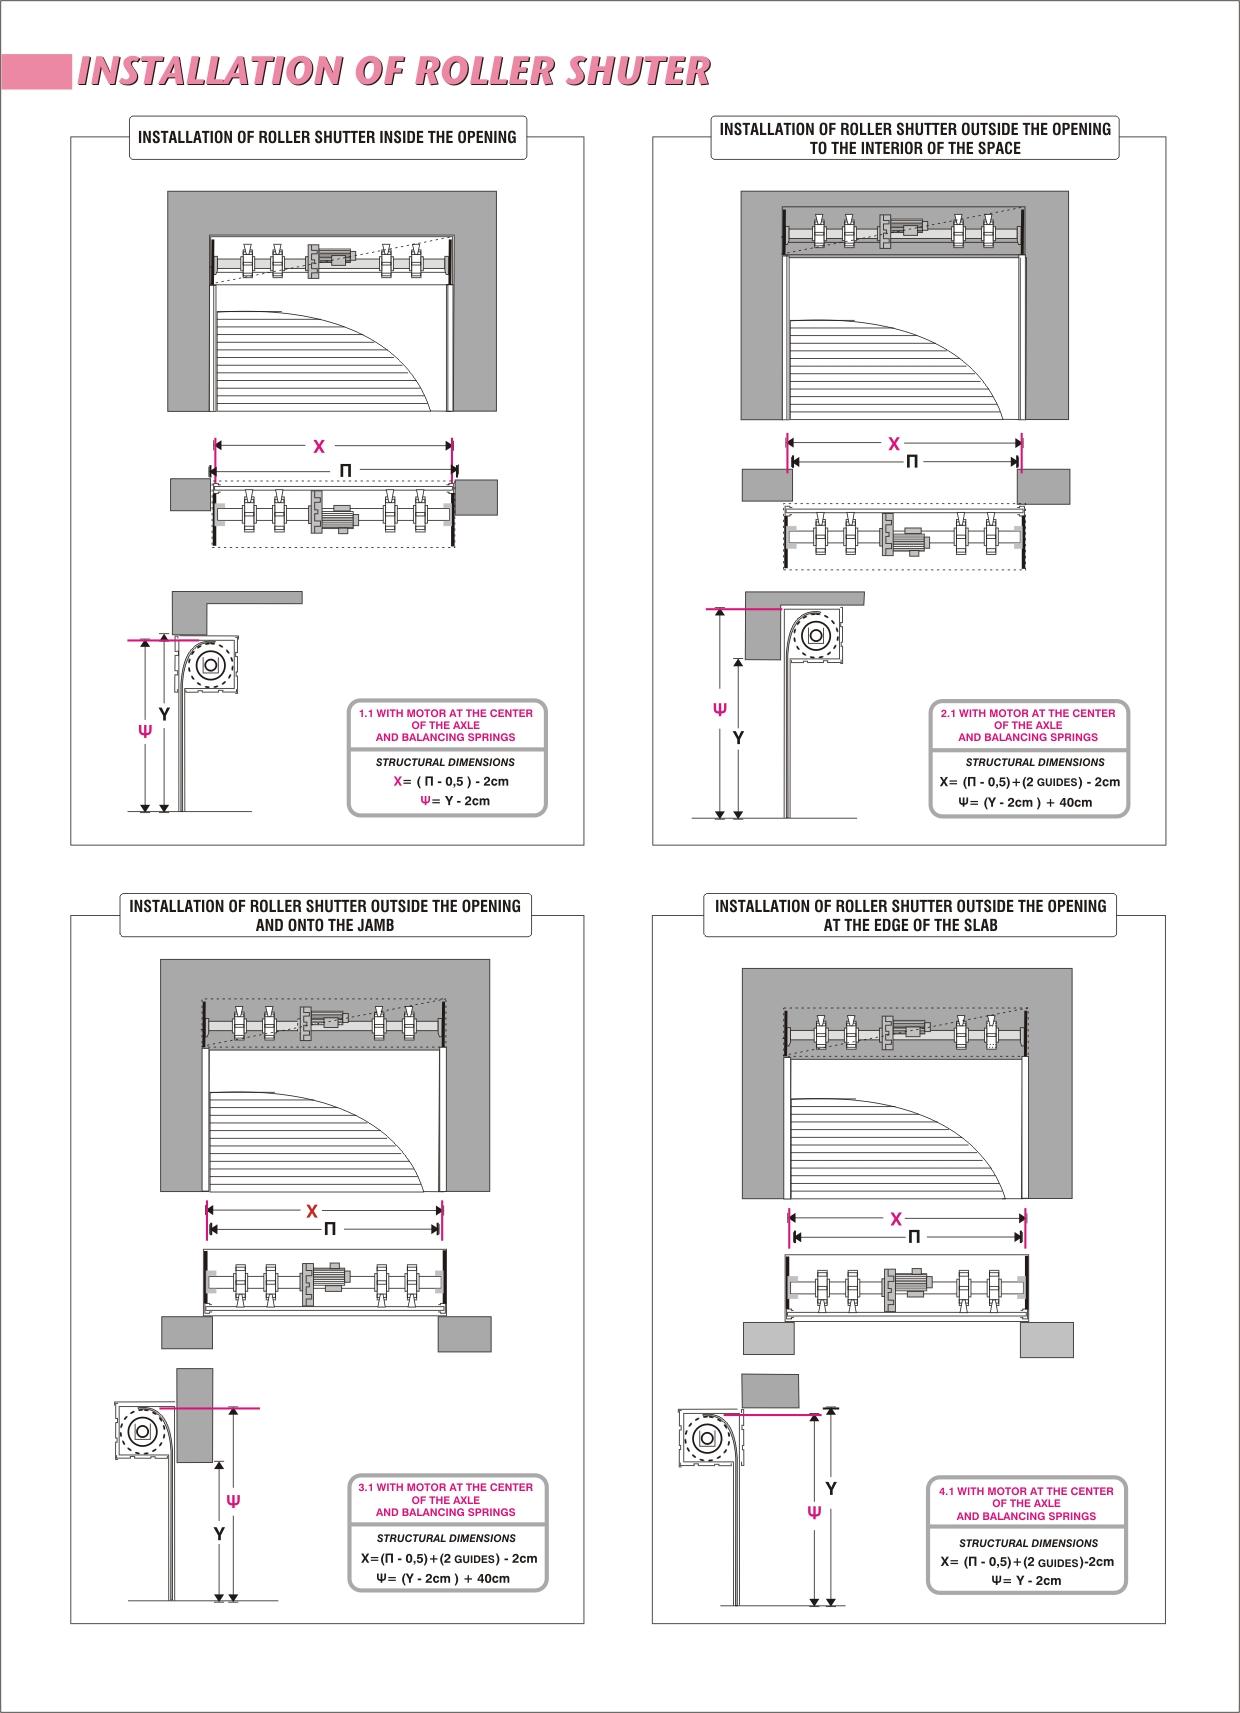 Roller shutter motor installation for Roller shutter motor installation